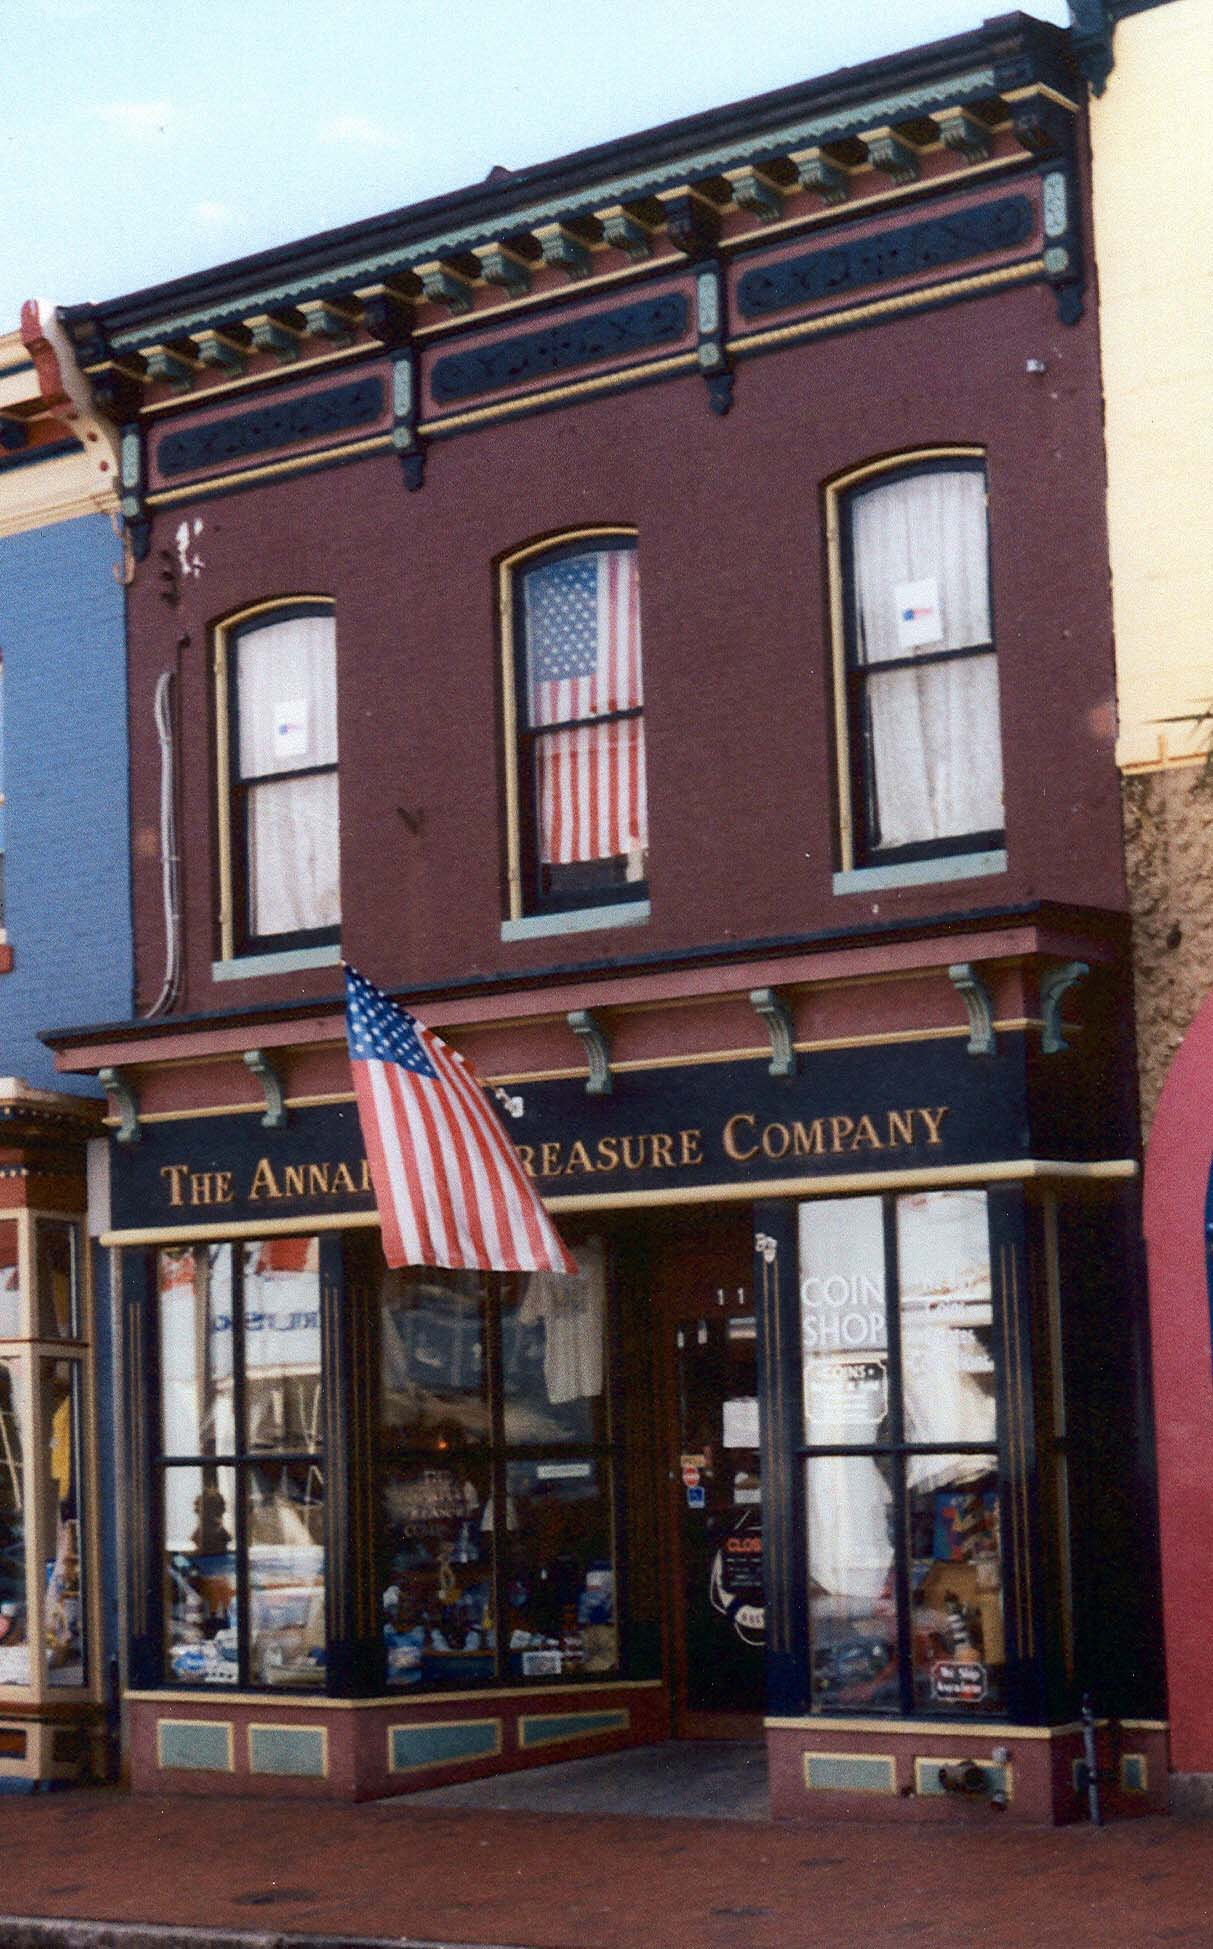 Annapolis Treasure Co.